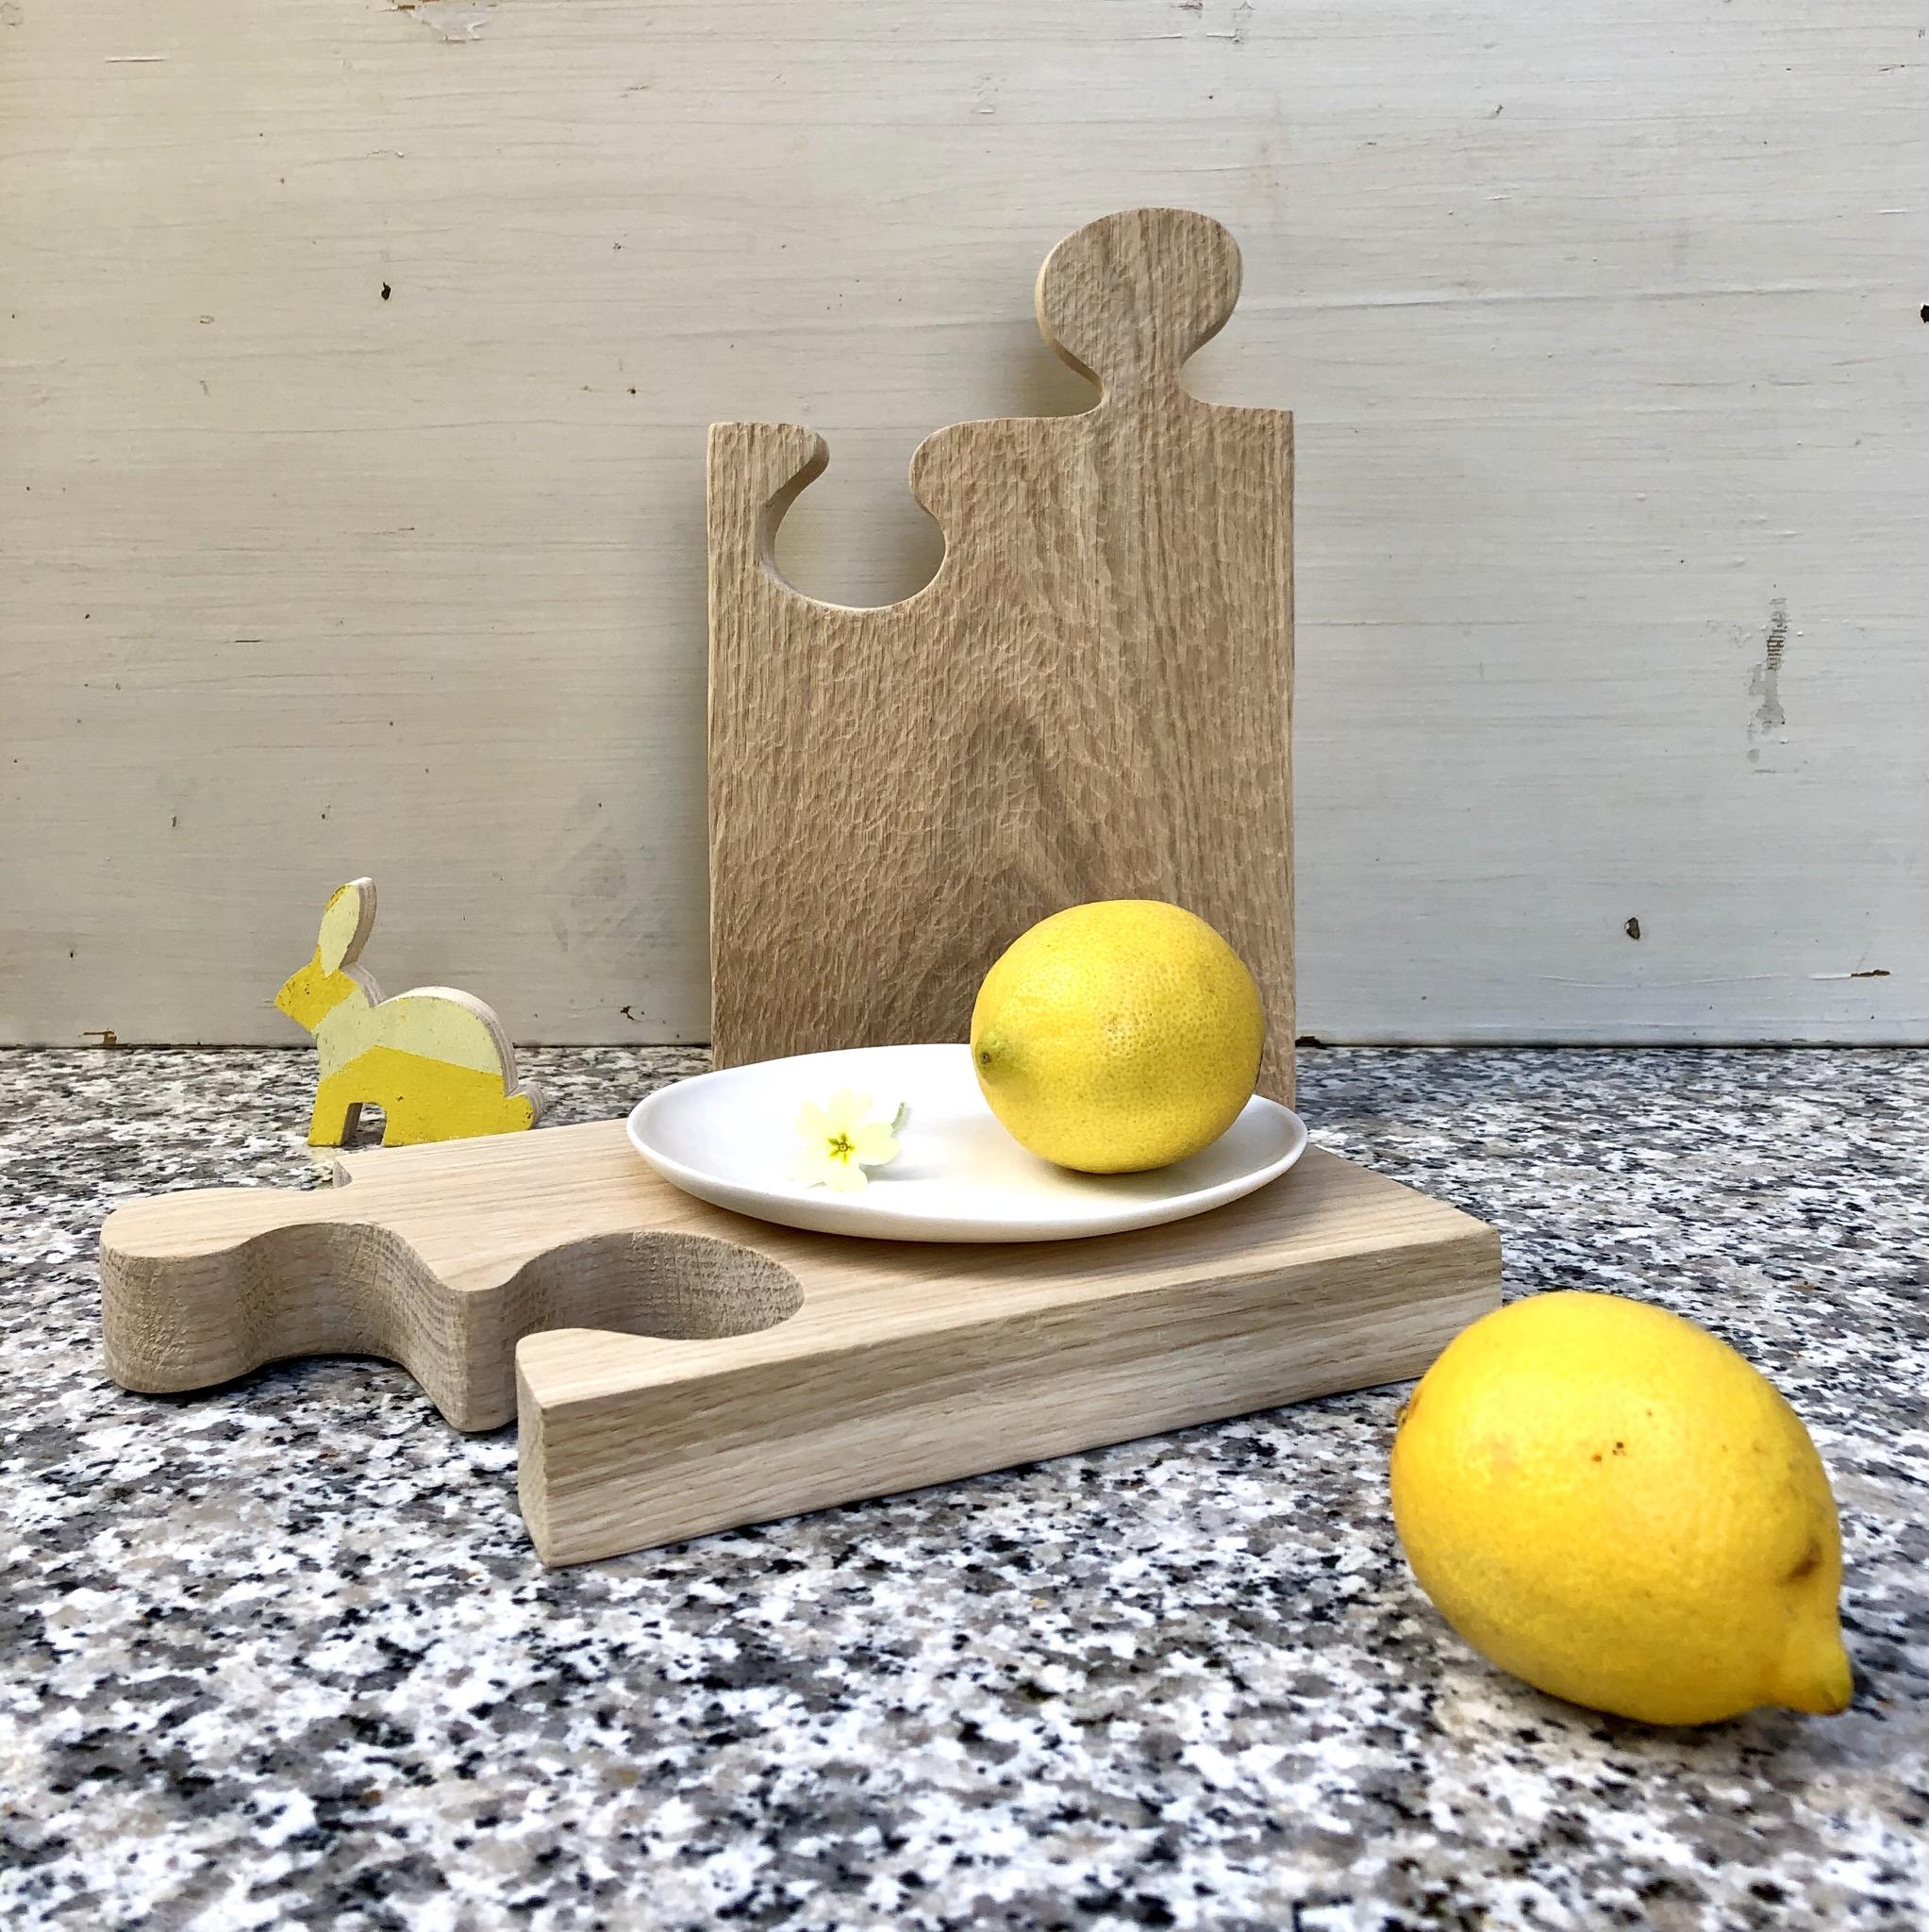 wooden cutting board, chopping board